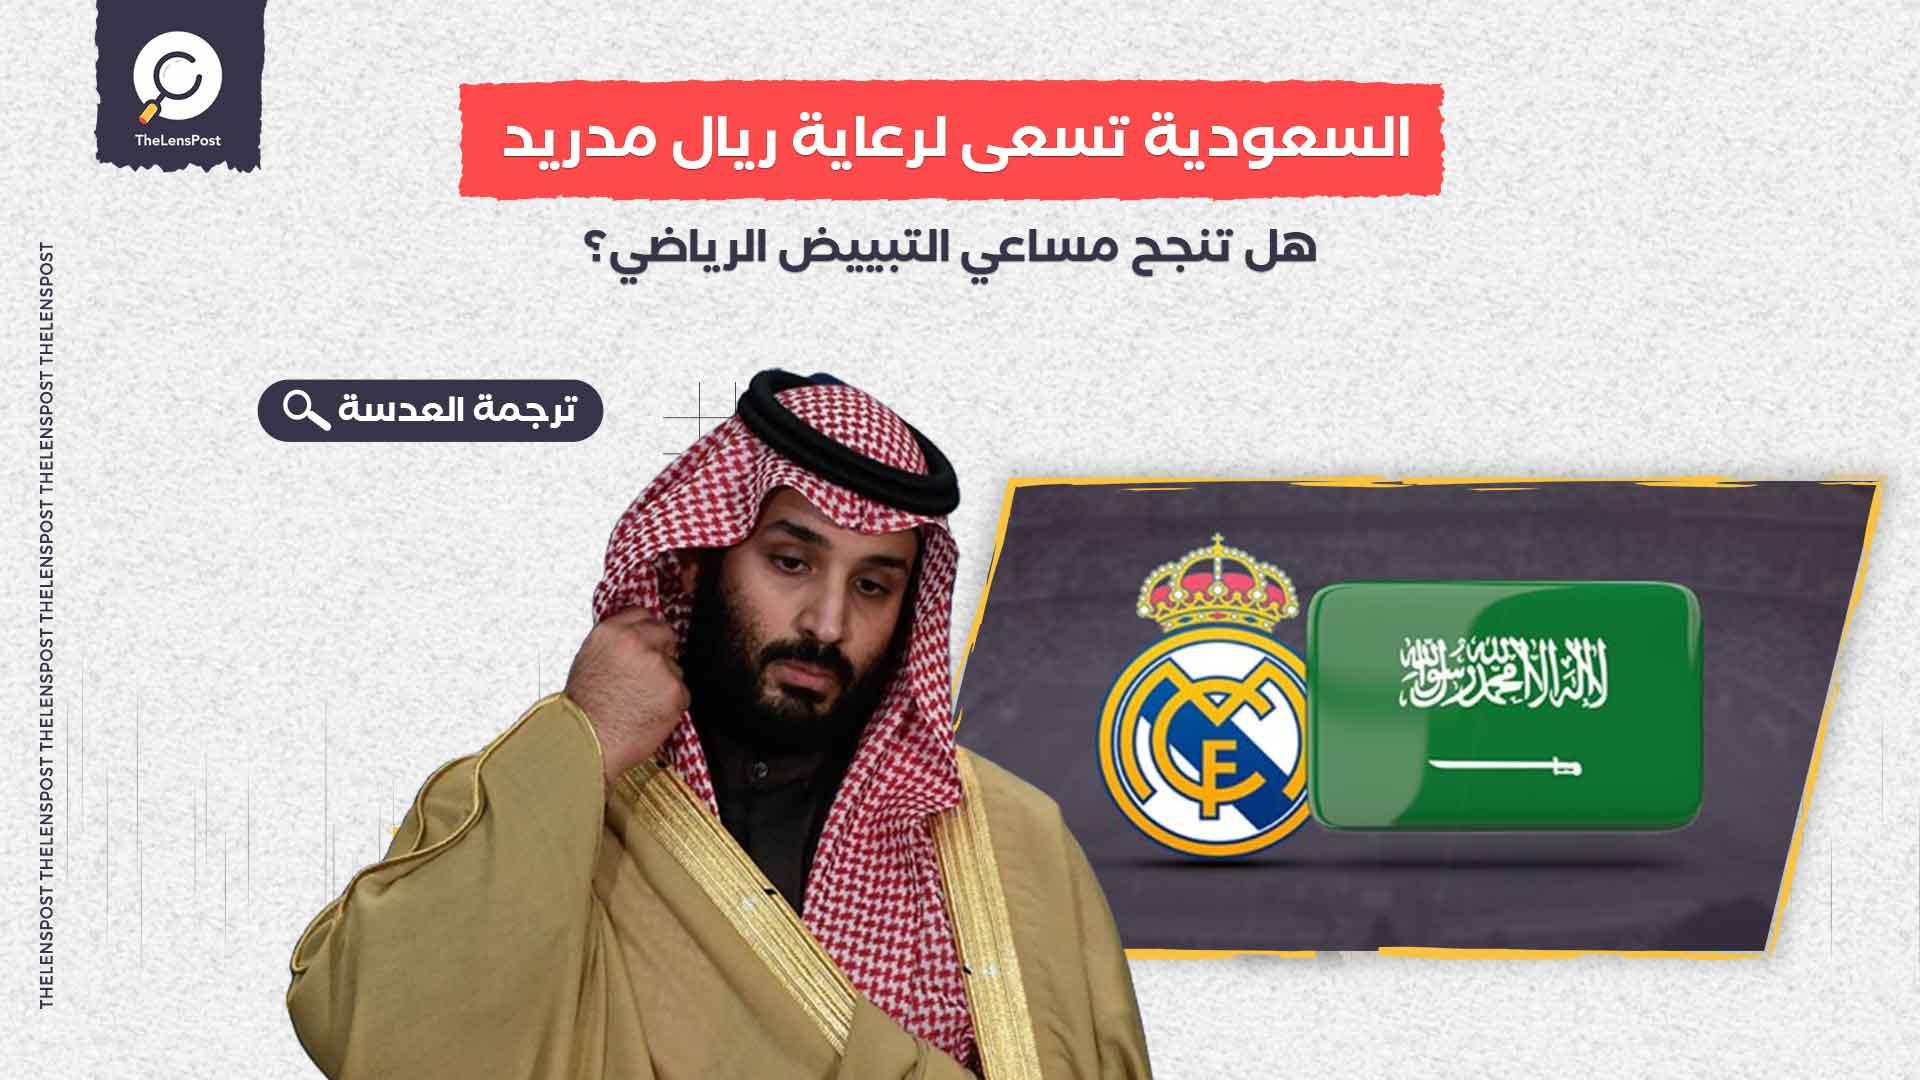 السعودية تسعى لرعاية ريال مدريد ... هل تنجح مساعي التبييض الرياضي؟